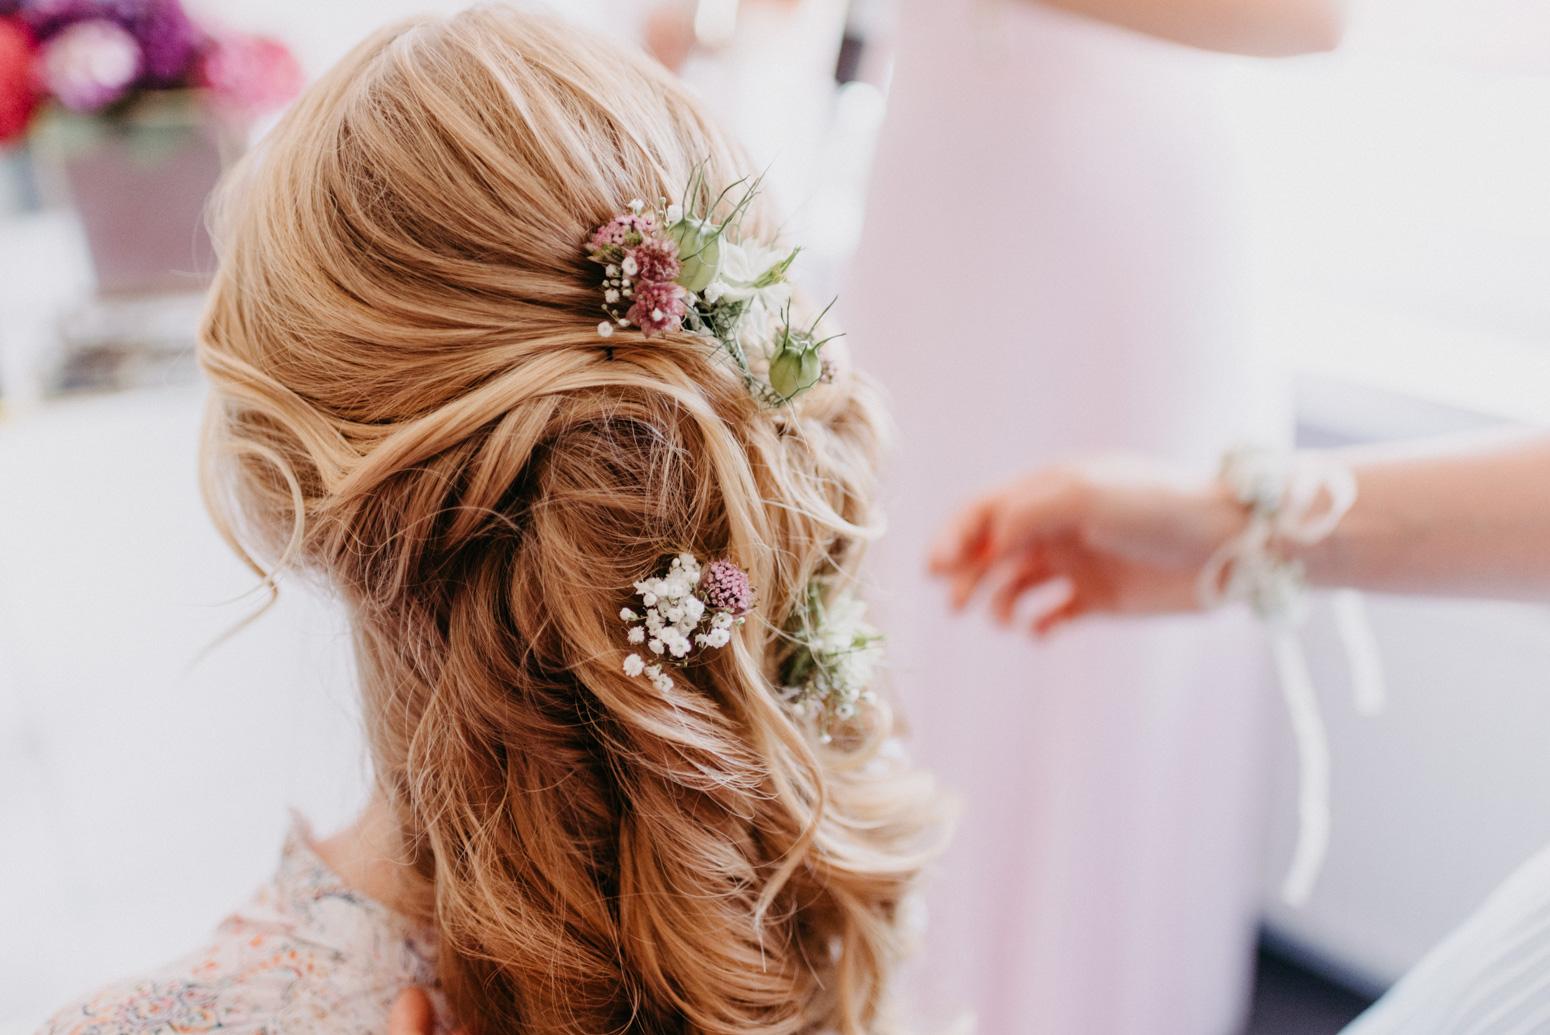 Wunderschöne Brautfrisur mit Blumen